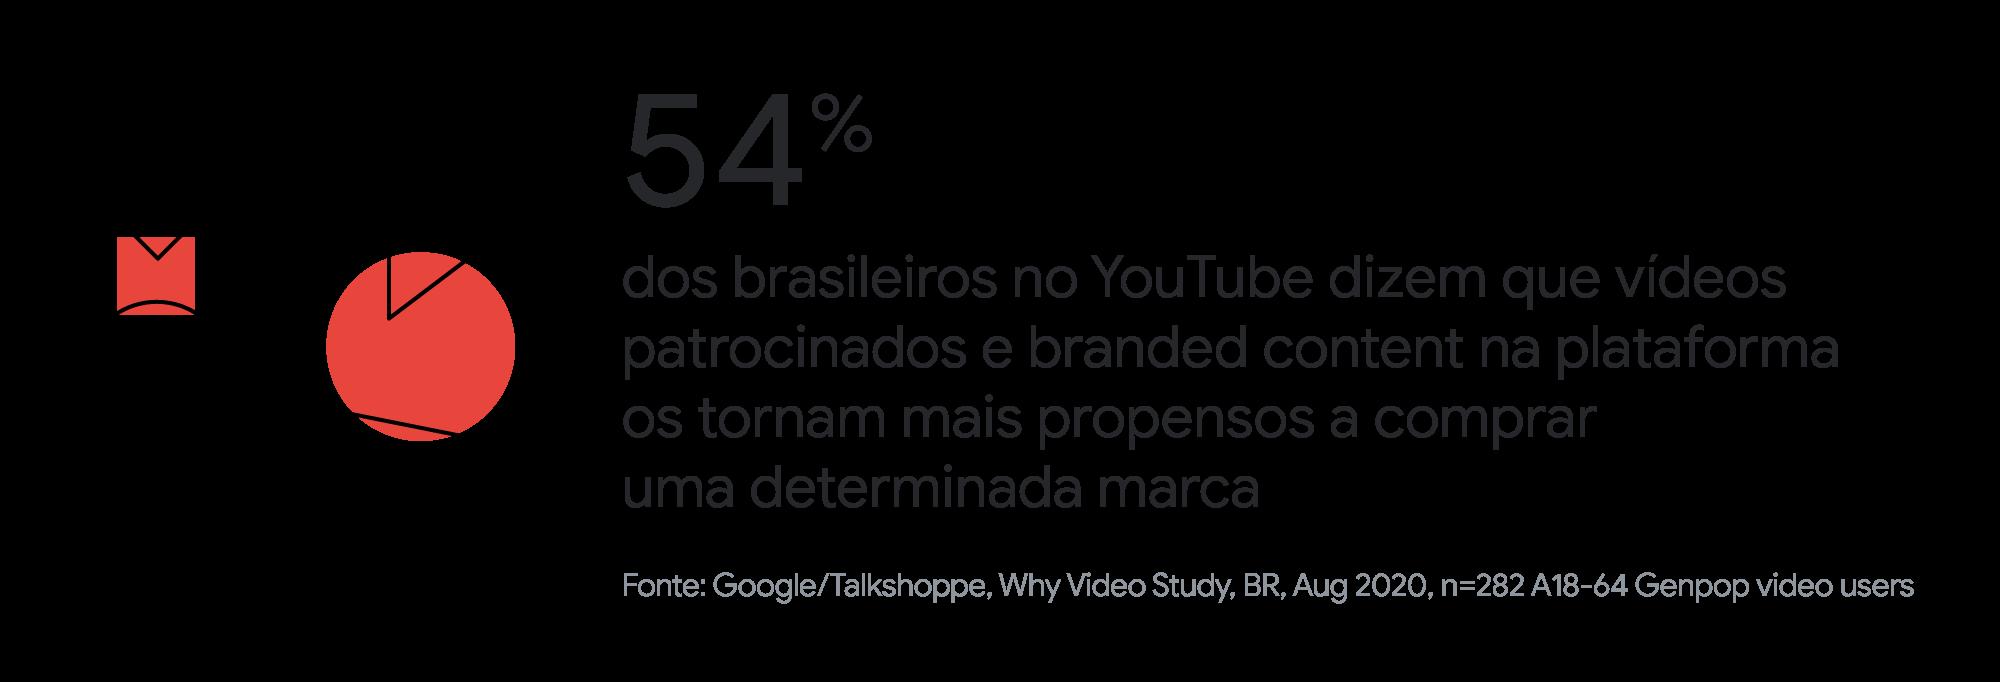 O poder dos Criadores: como marcas podem ampliar as conversas com seu público no YouTube?